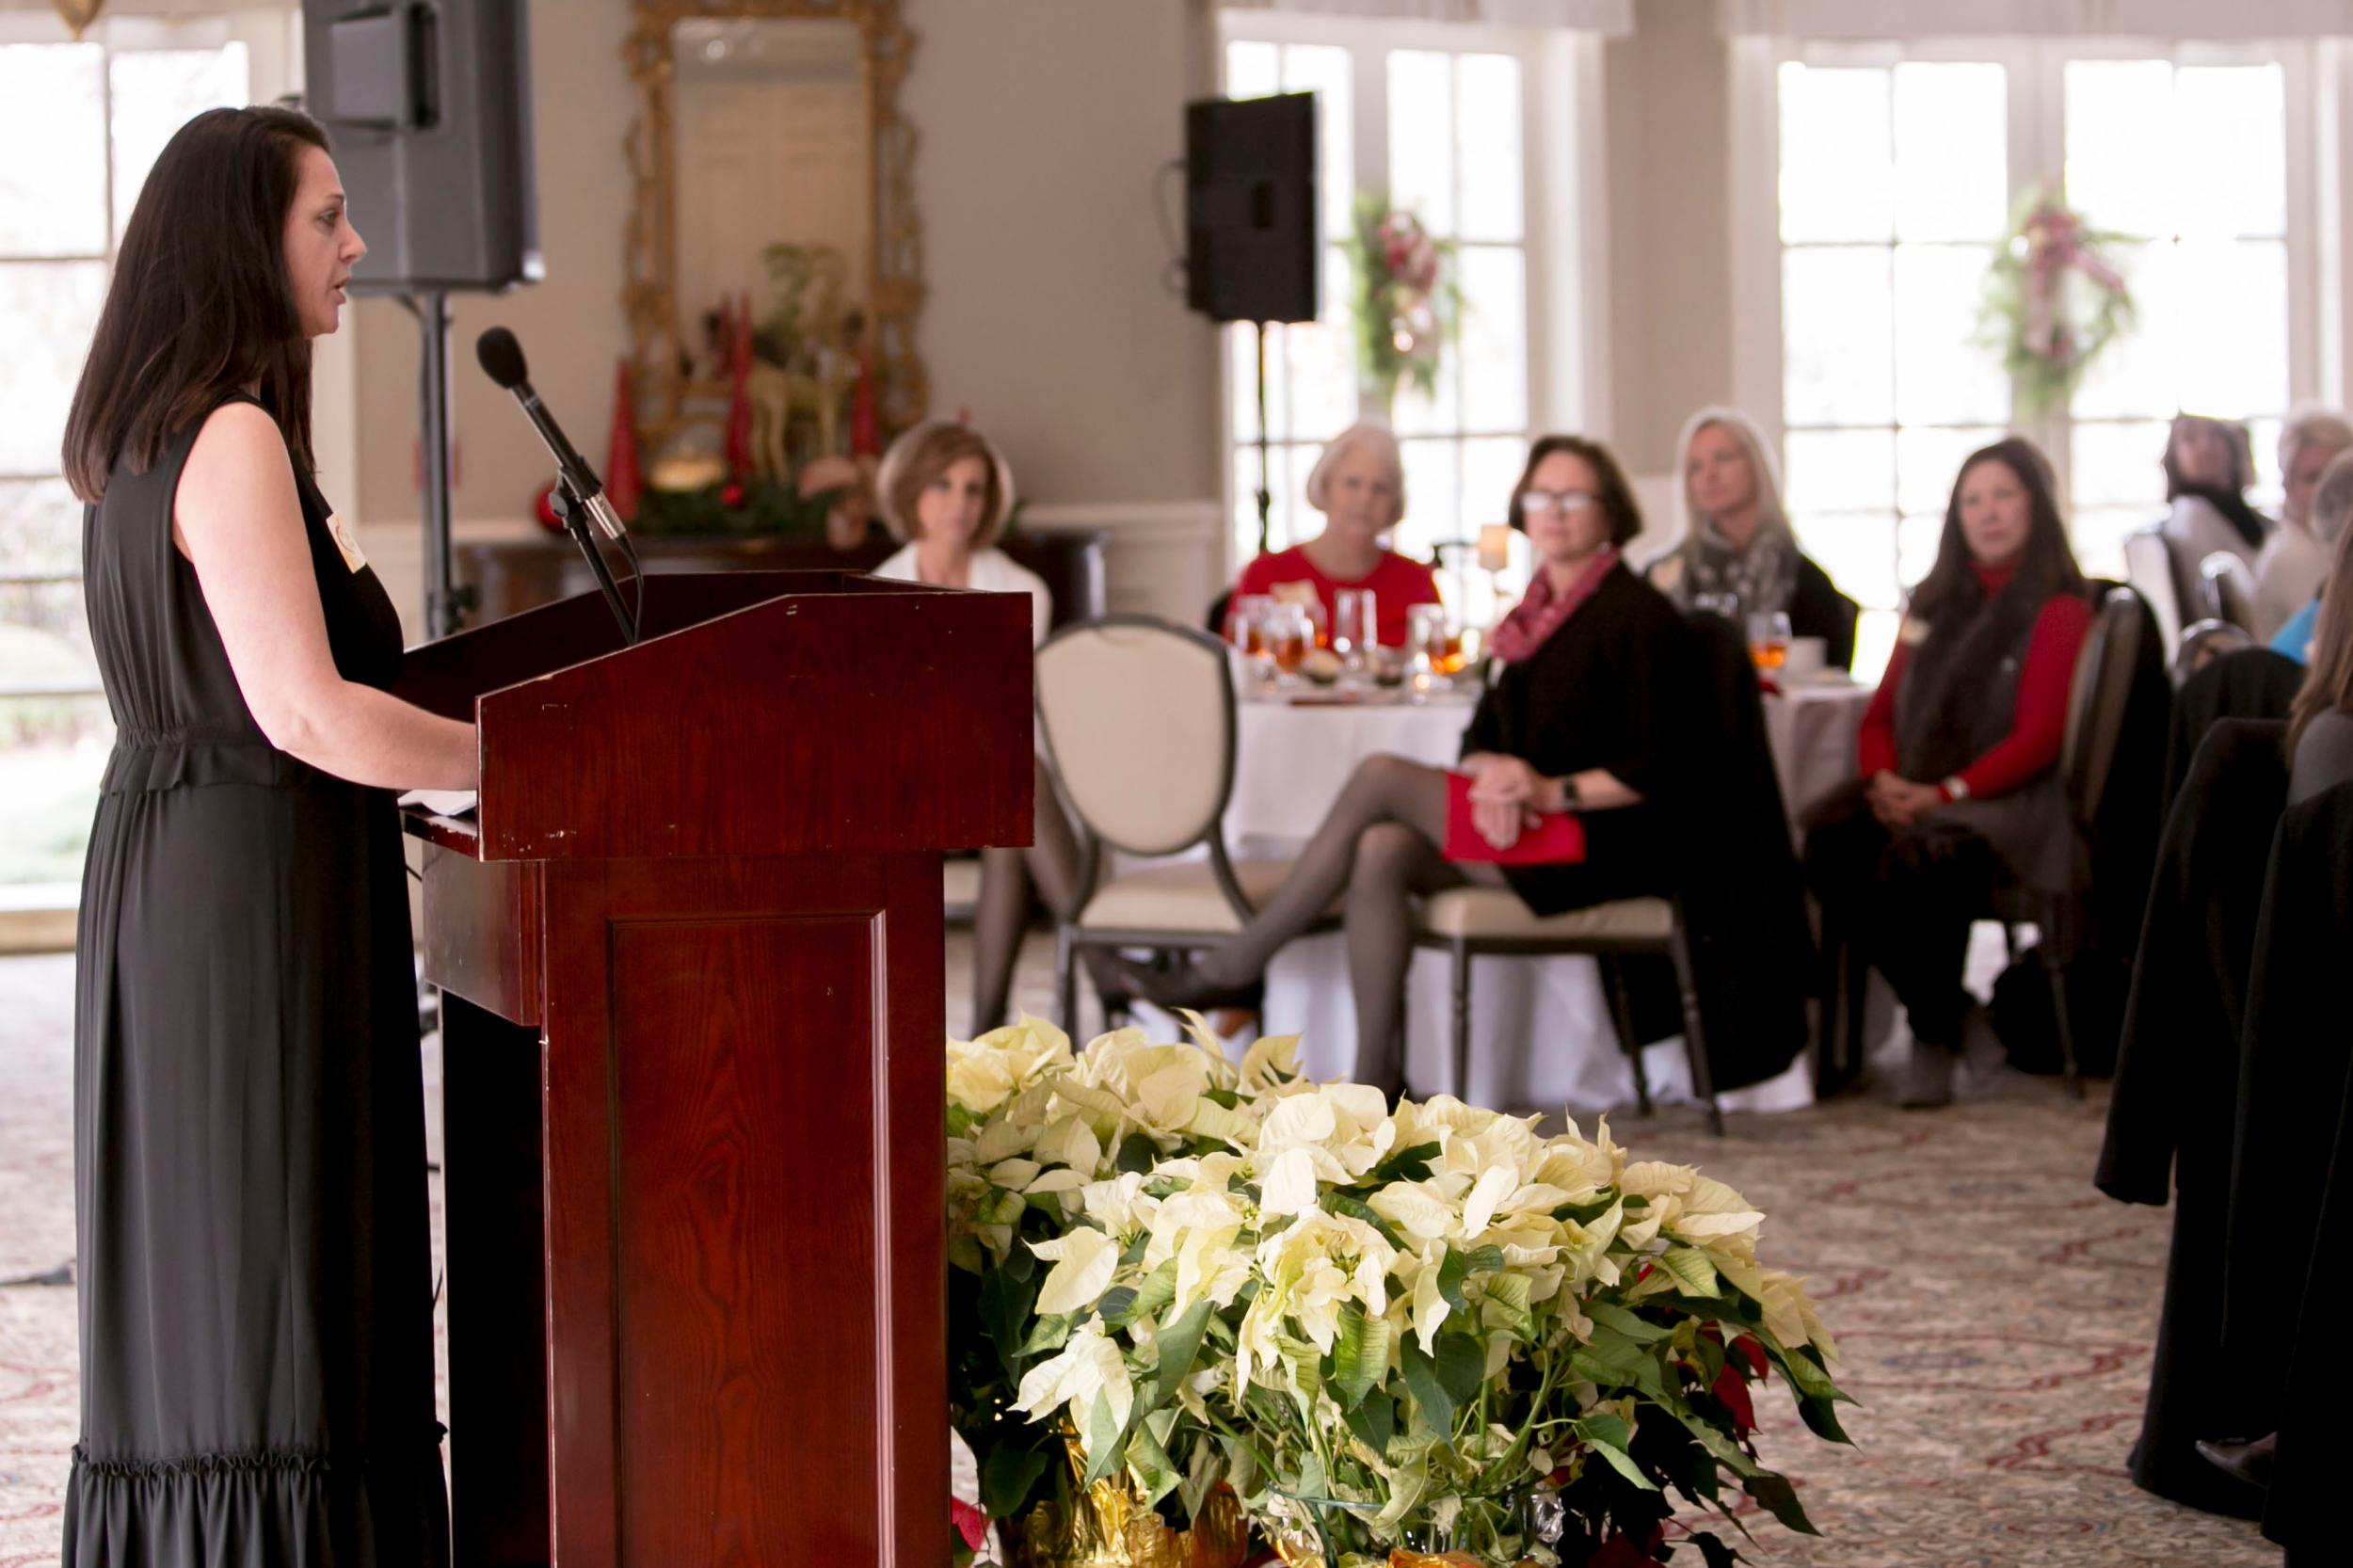 A Women's Educational Scholarship recipient gives a speech at an event.